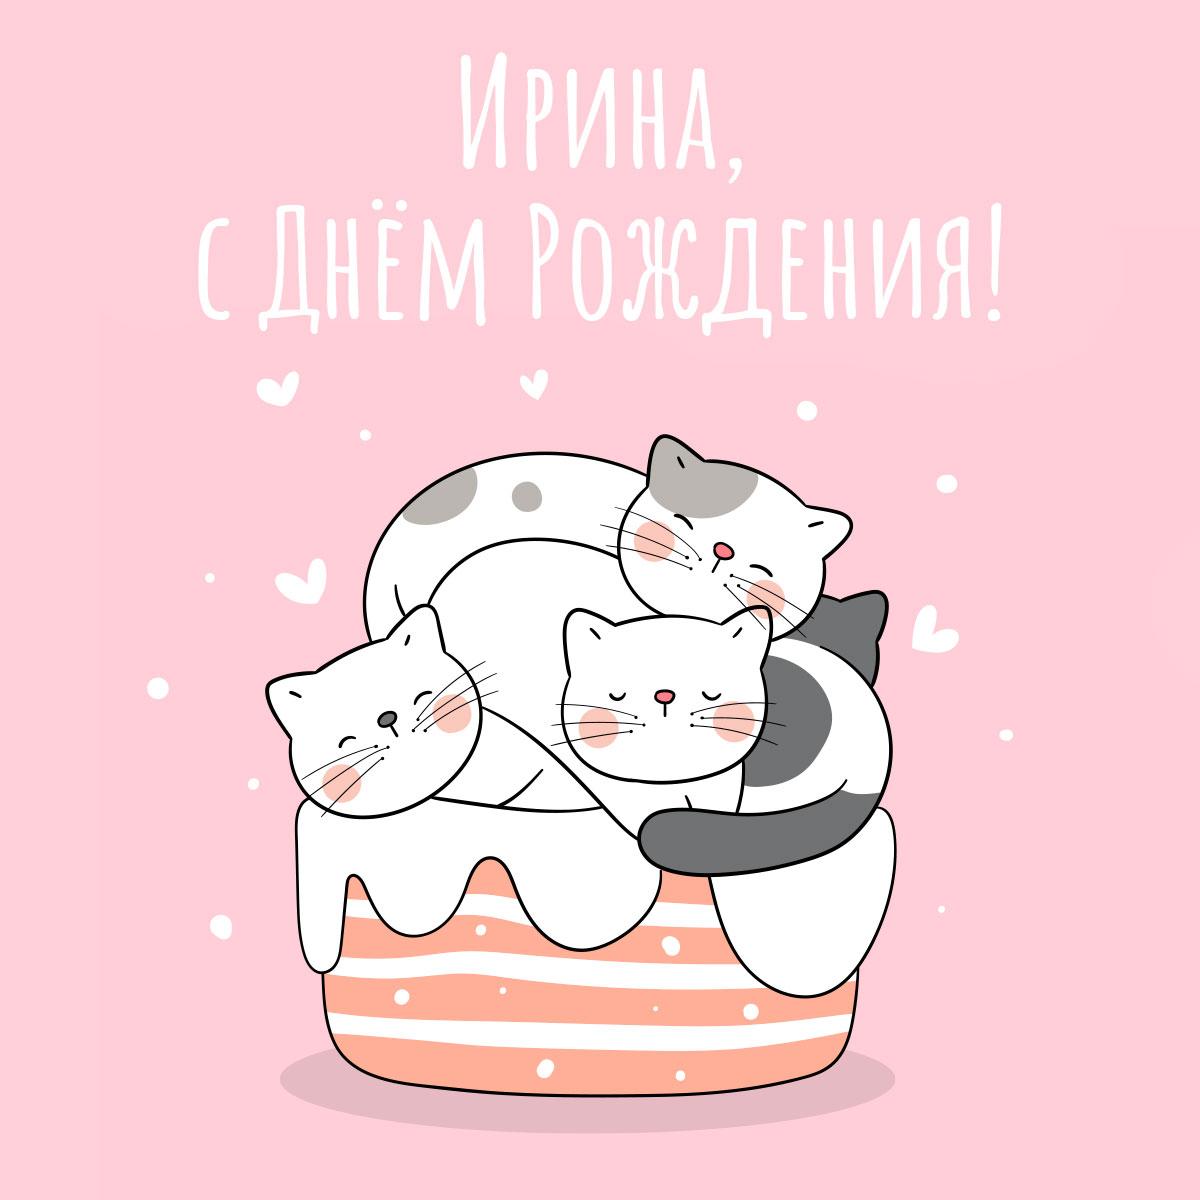 Картинка с текстом для розовой открытки с днем рождения Ирина: мультипликационные котята на торте.